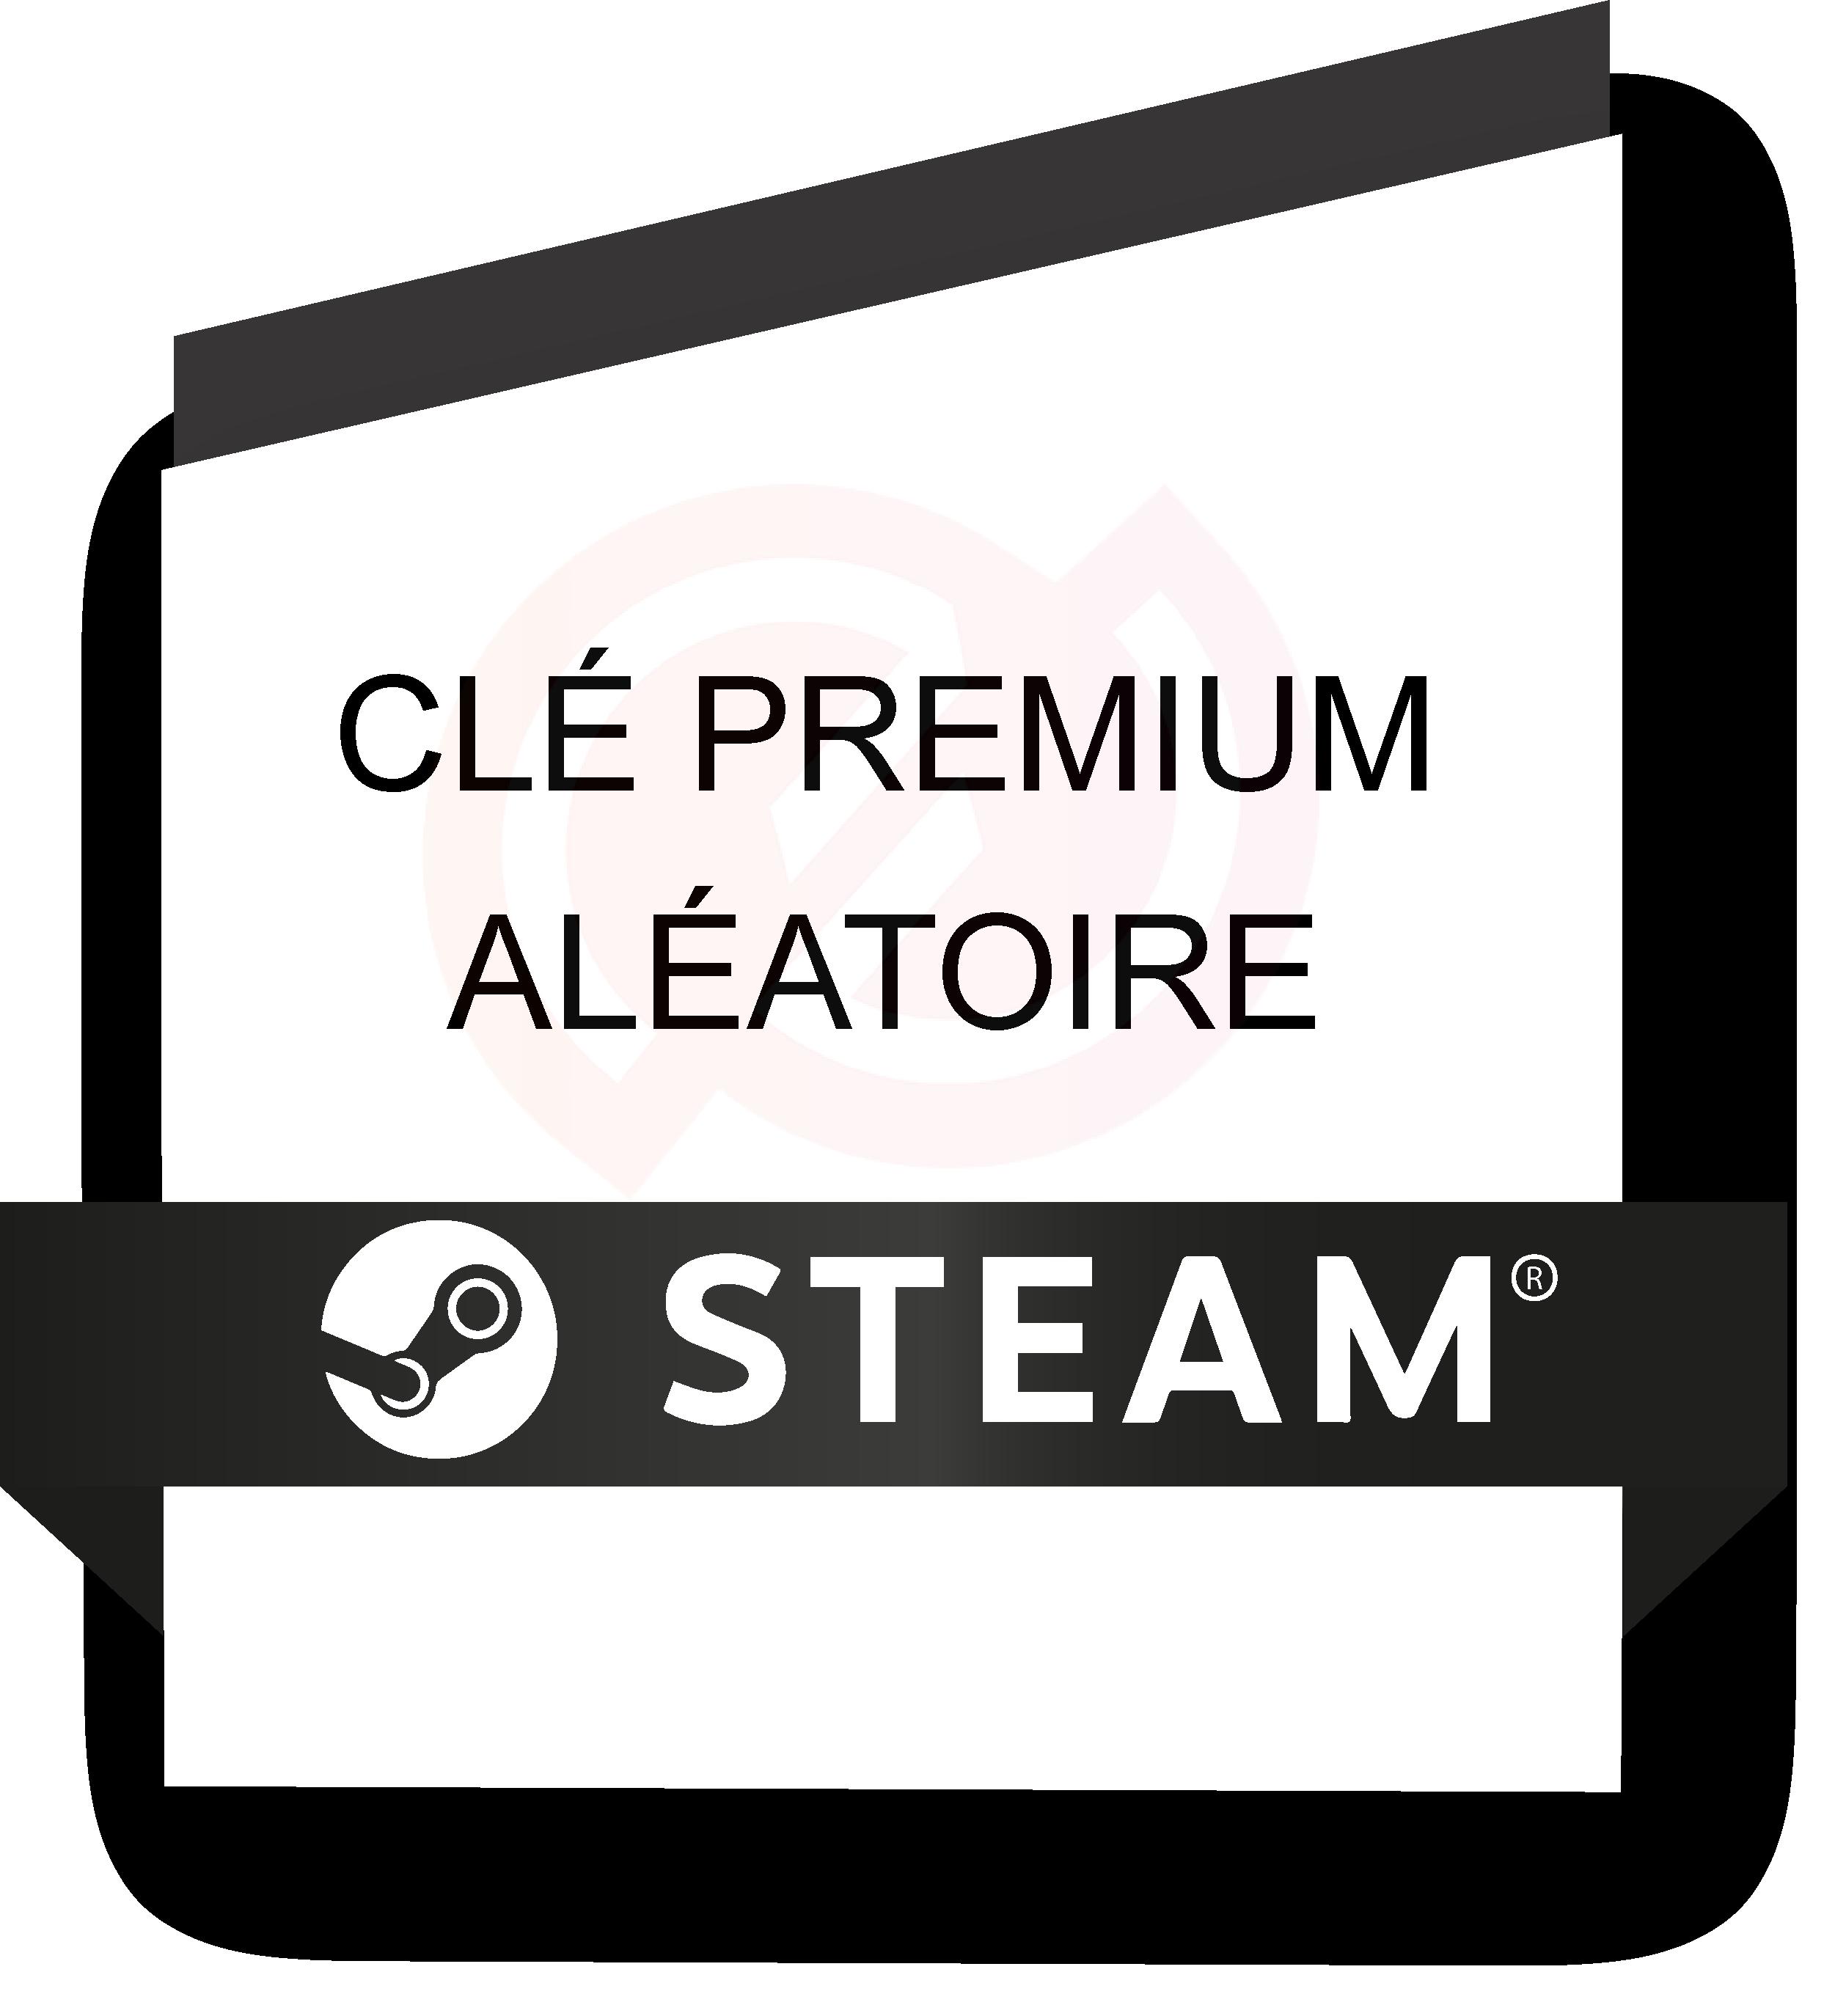 Coupon Clé Premium aléatoire sur internet - Gueez